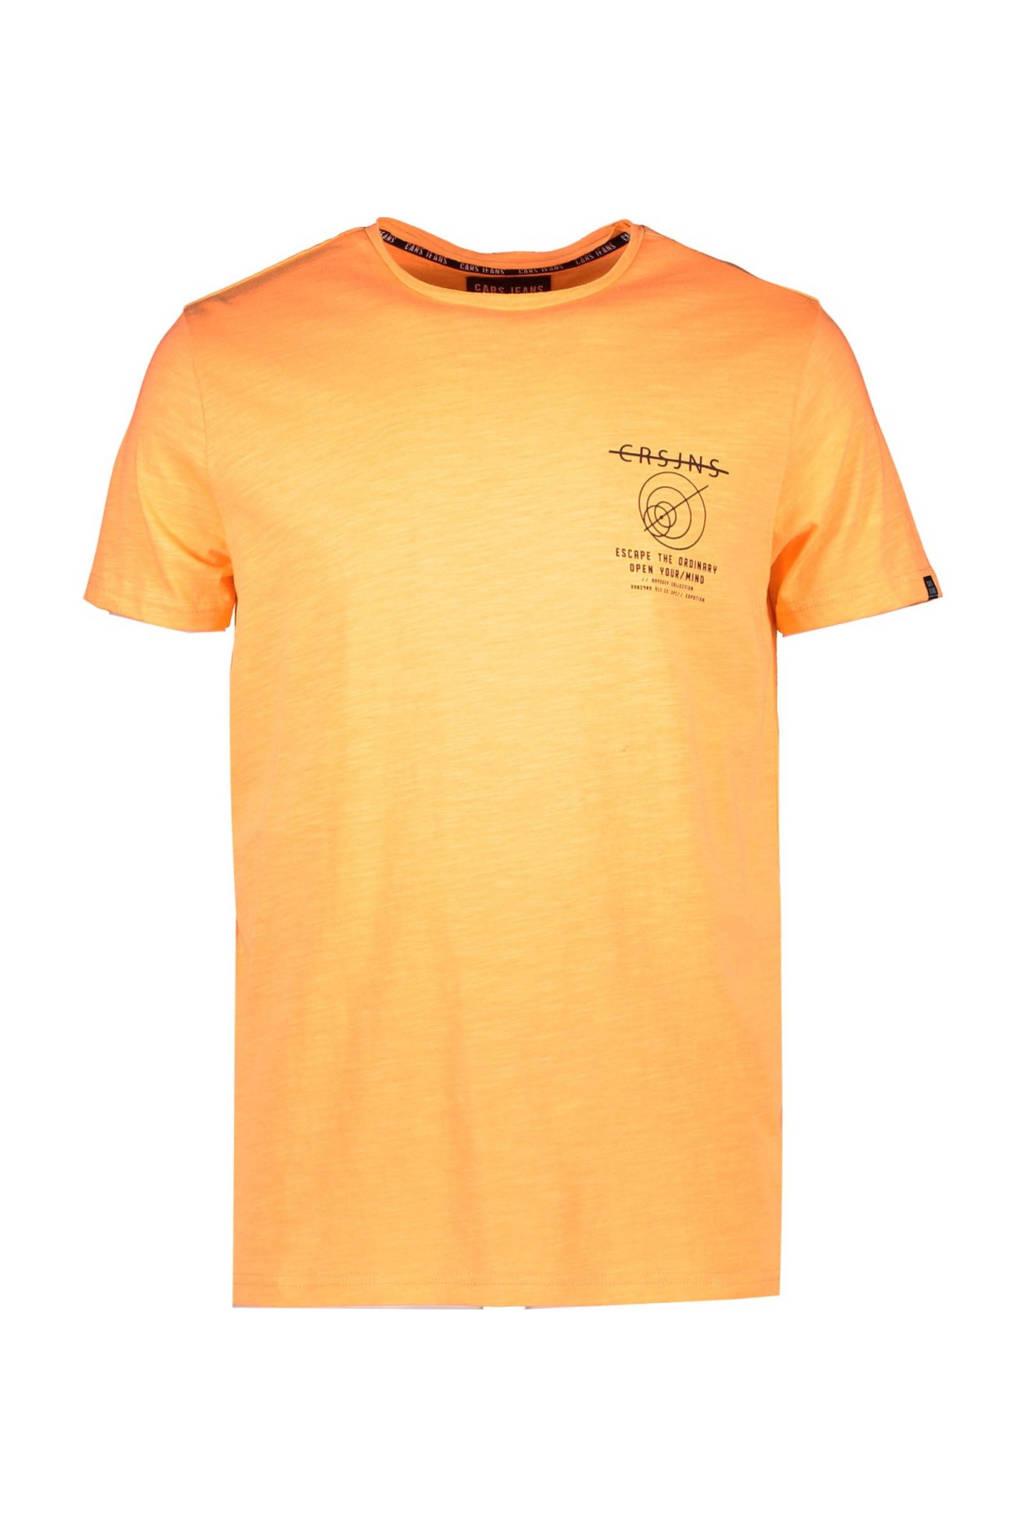 Cars T-shirt Ontario met logo oranje, Oranje